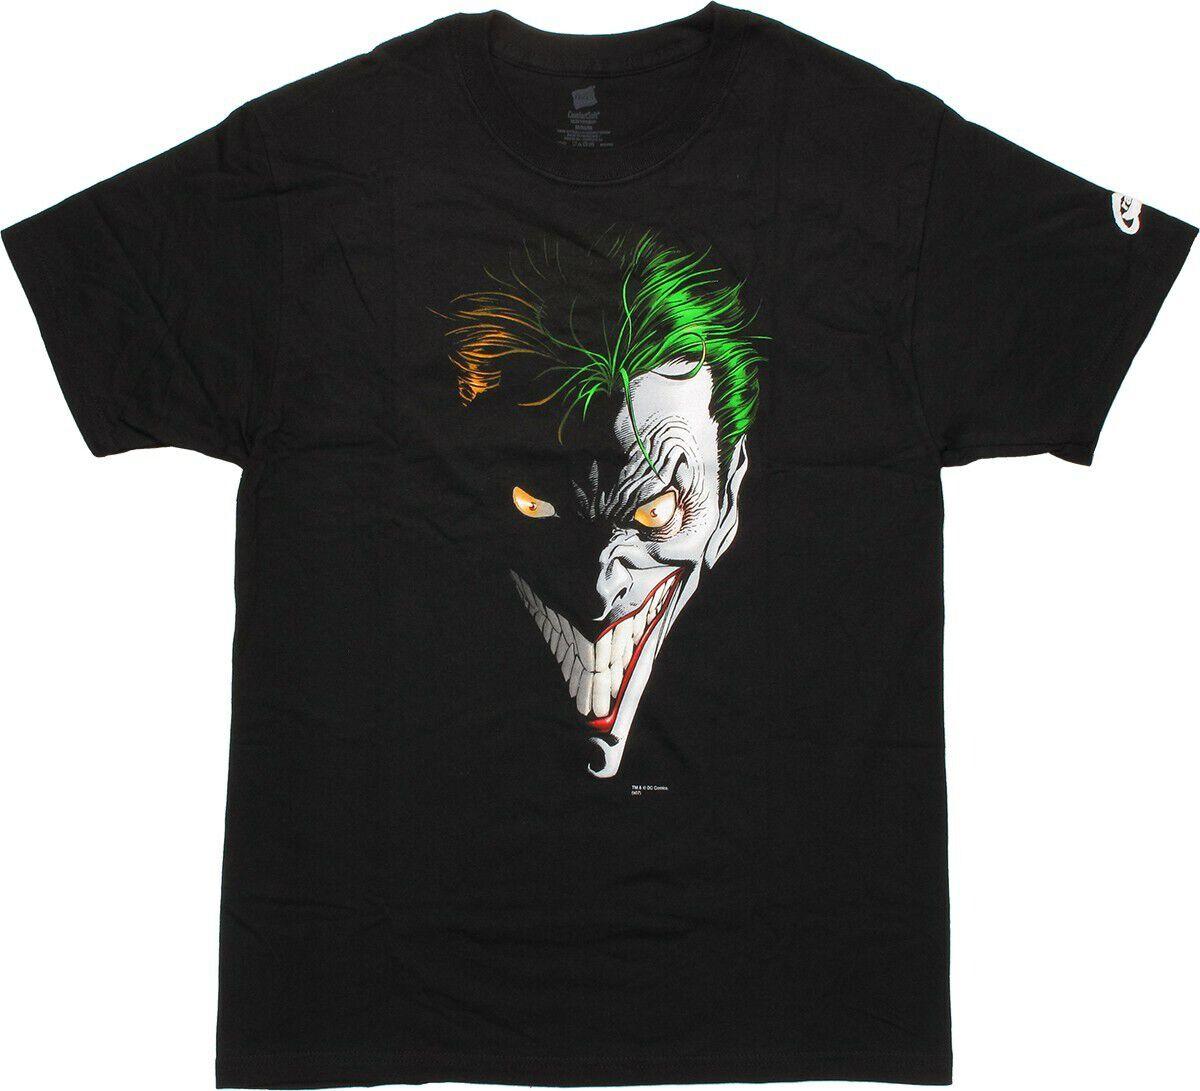 Joker Artistic Face T-Shirt